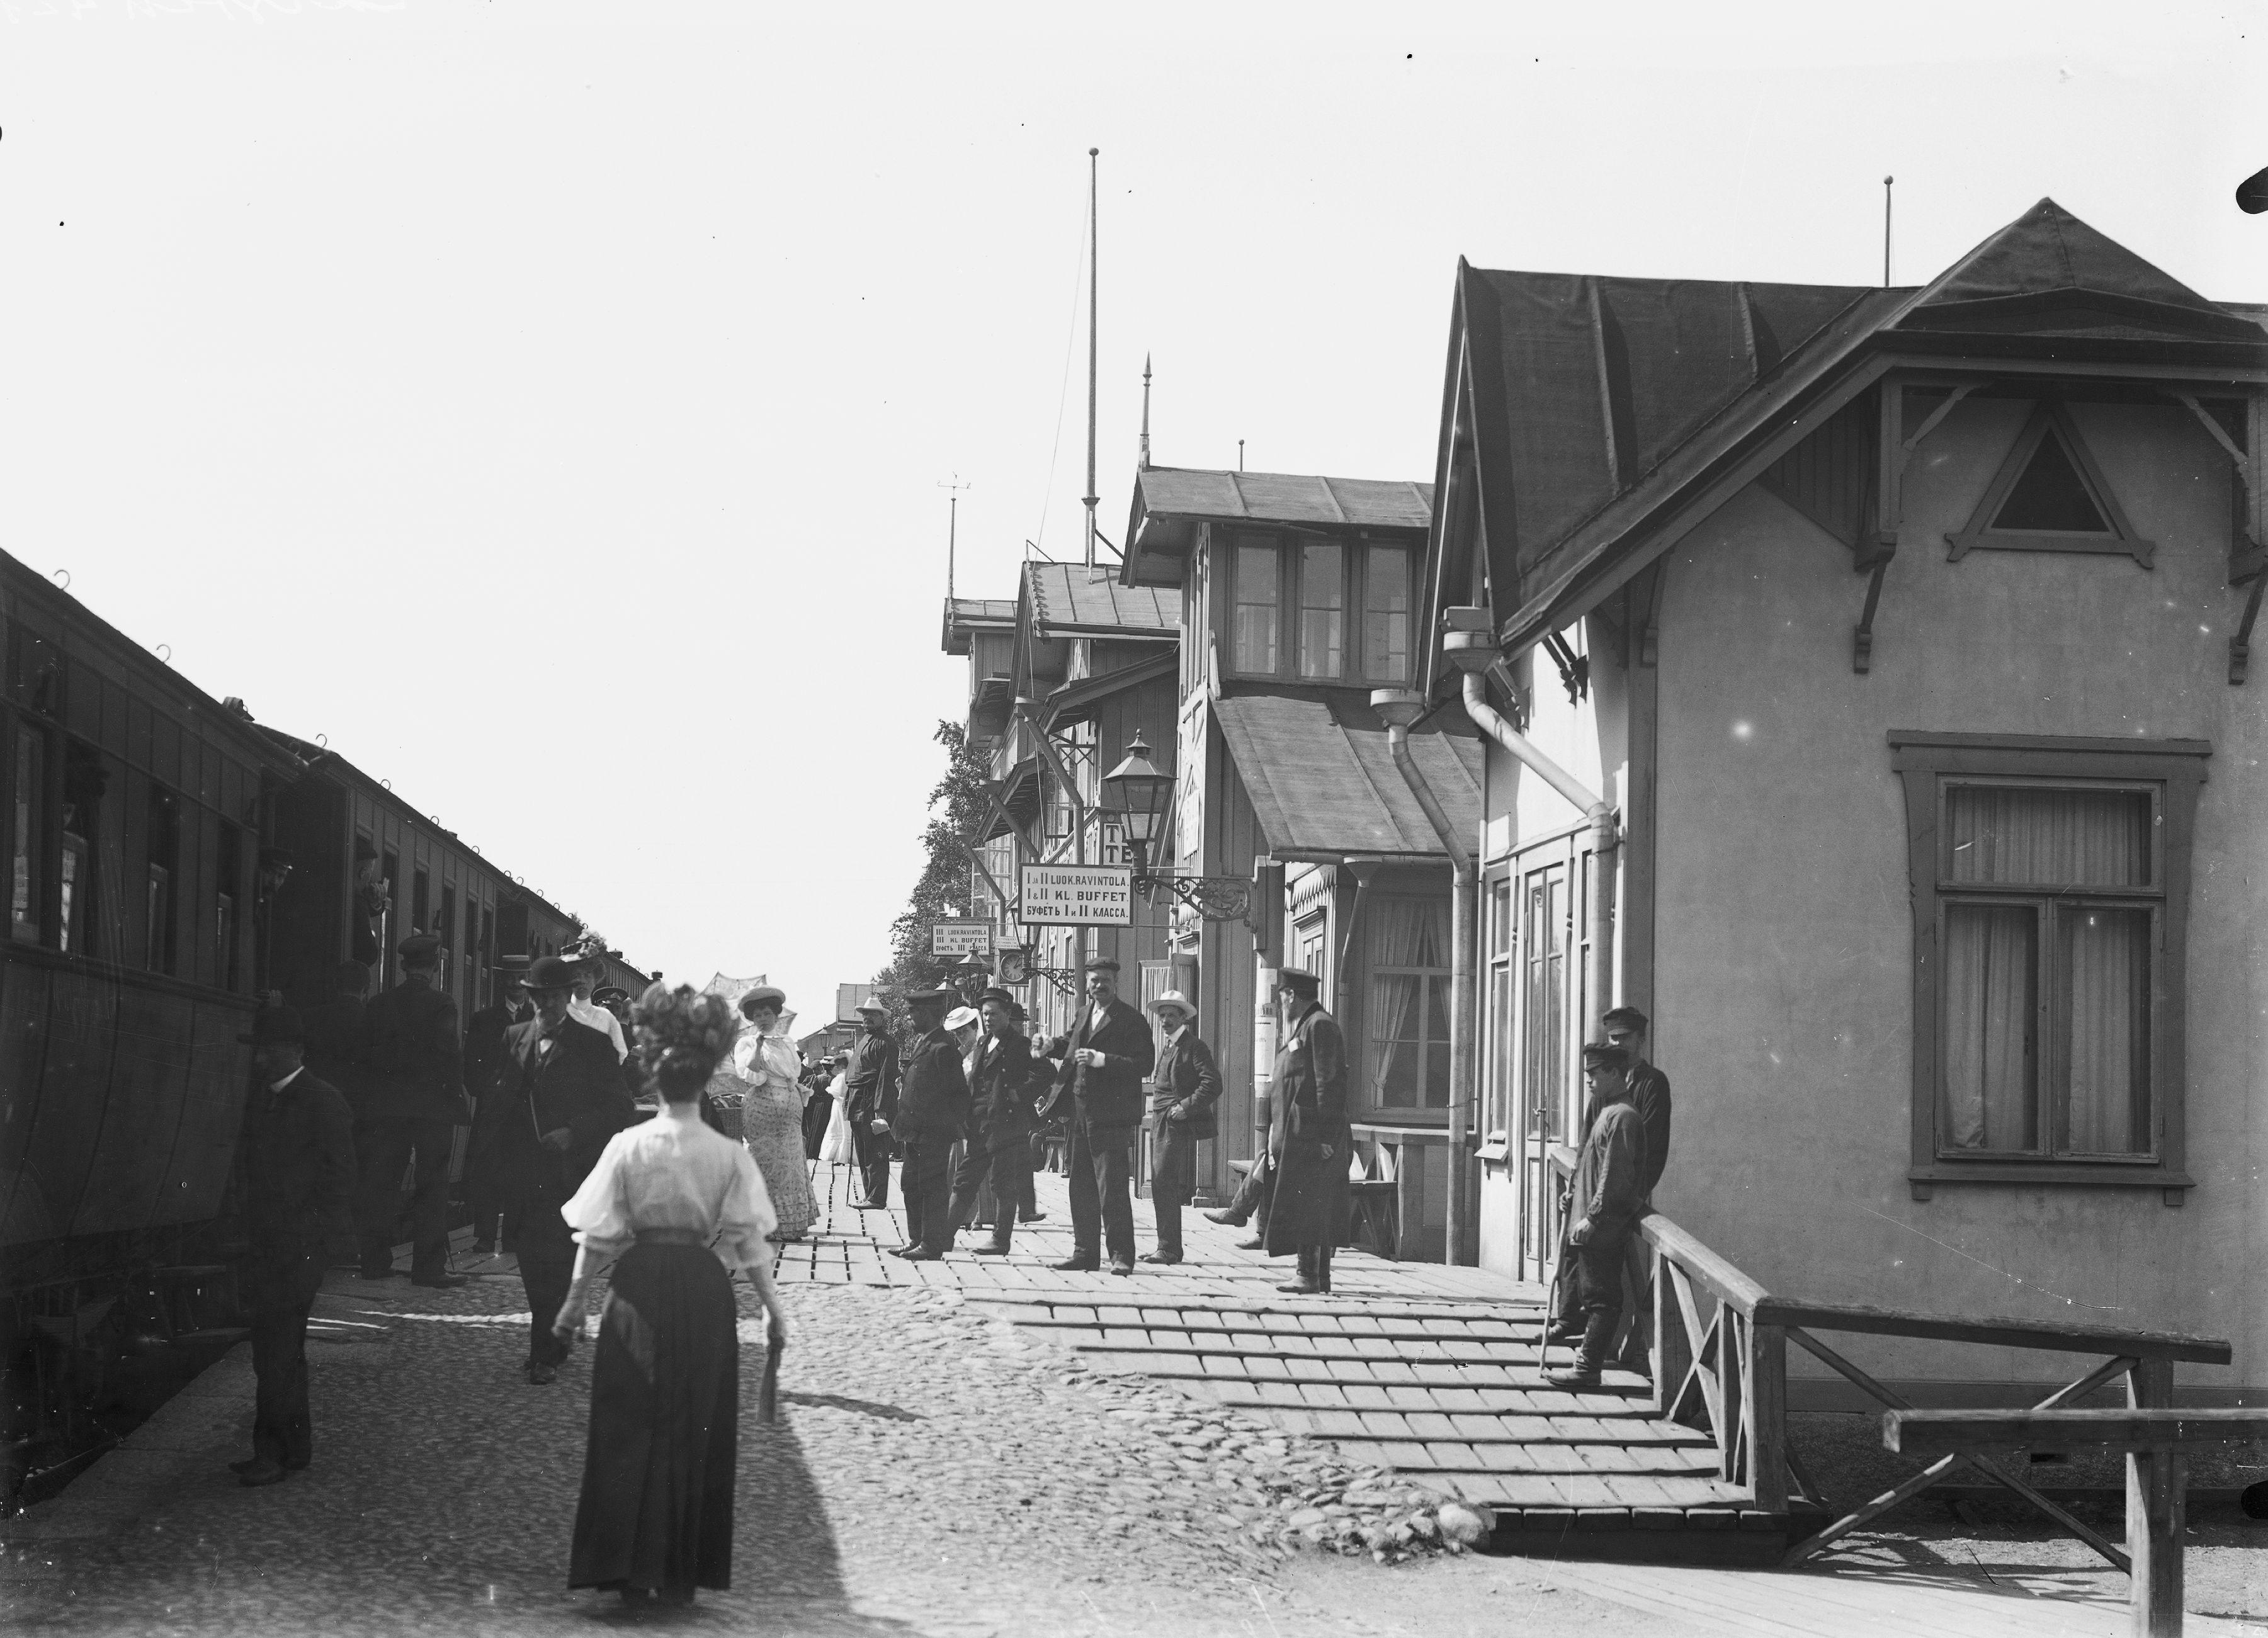 Terijoen asema vuosina 1907–1909 otetussa kuvassa. Terijoki oli vilkas kauttakulkupaikka Suomen ja Venäjän välillä. (M. L. Carstens / Museovirasto)